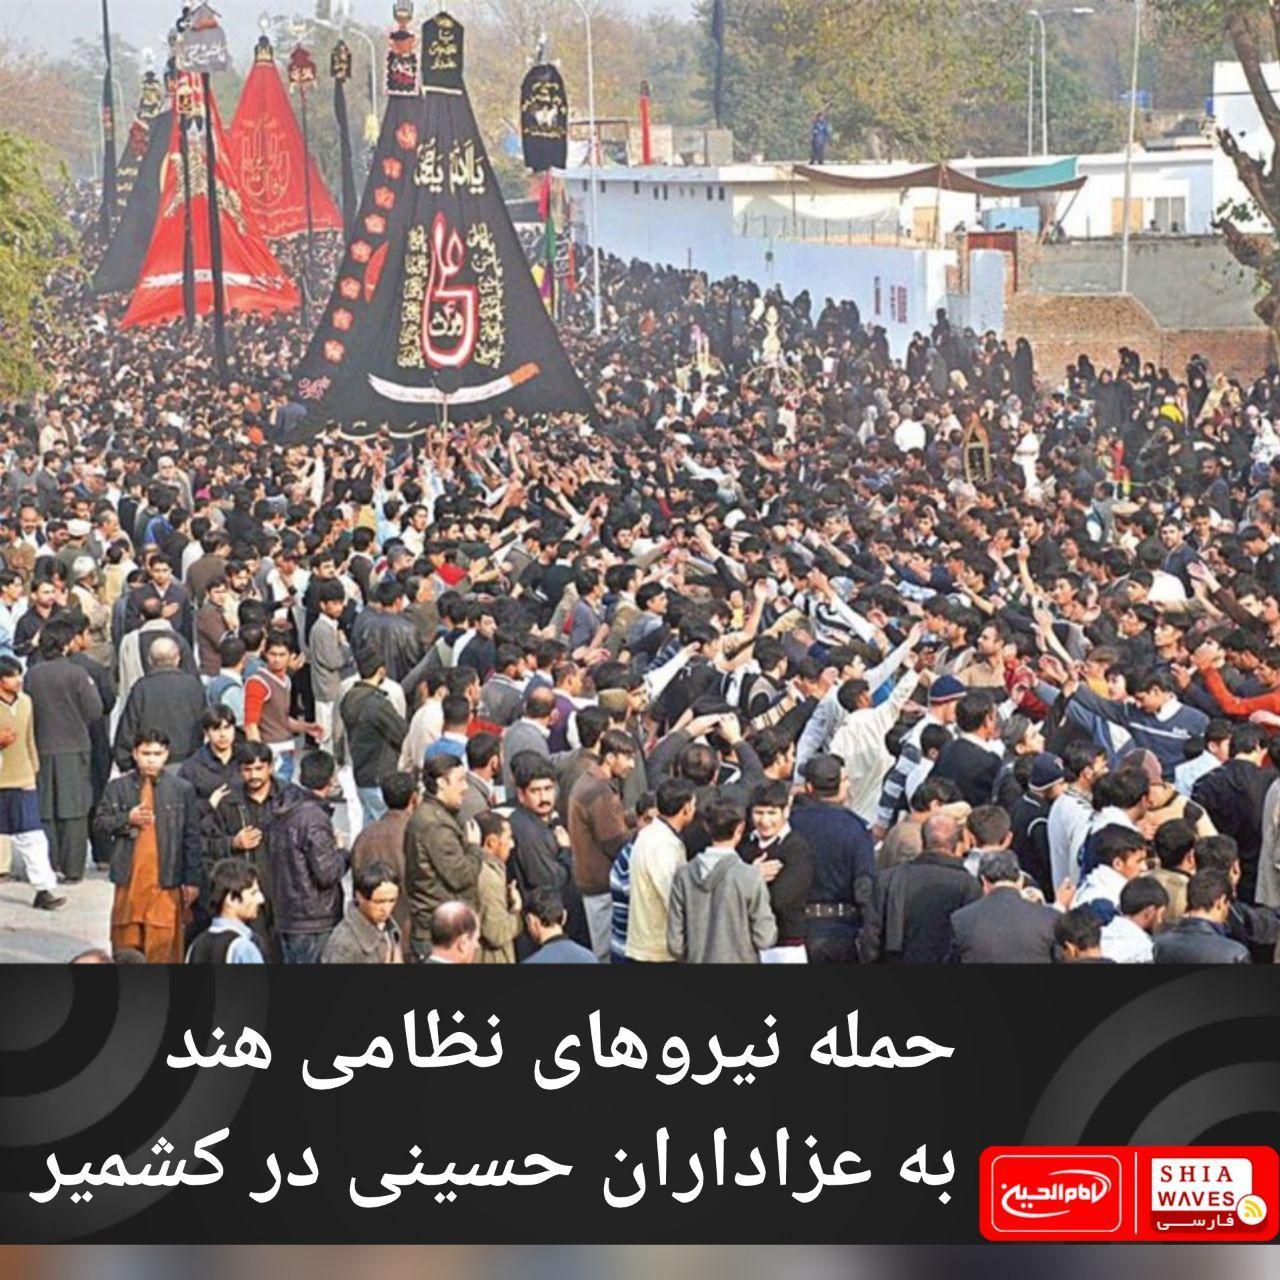 تصویر حمله نیروهای نظامی هند به عزاداران حسینی در کشمیر